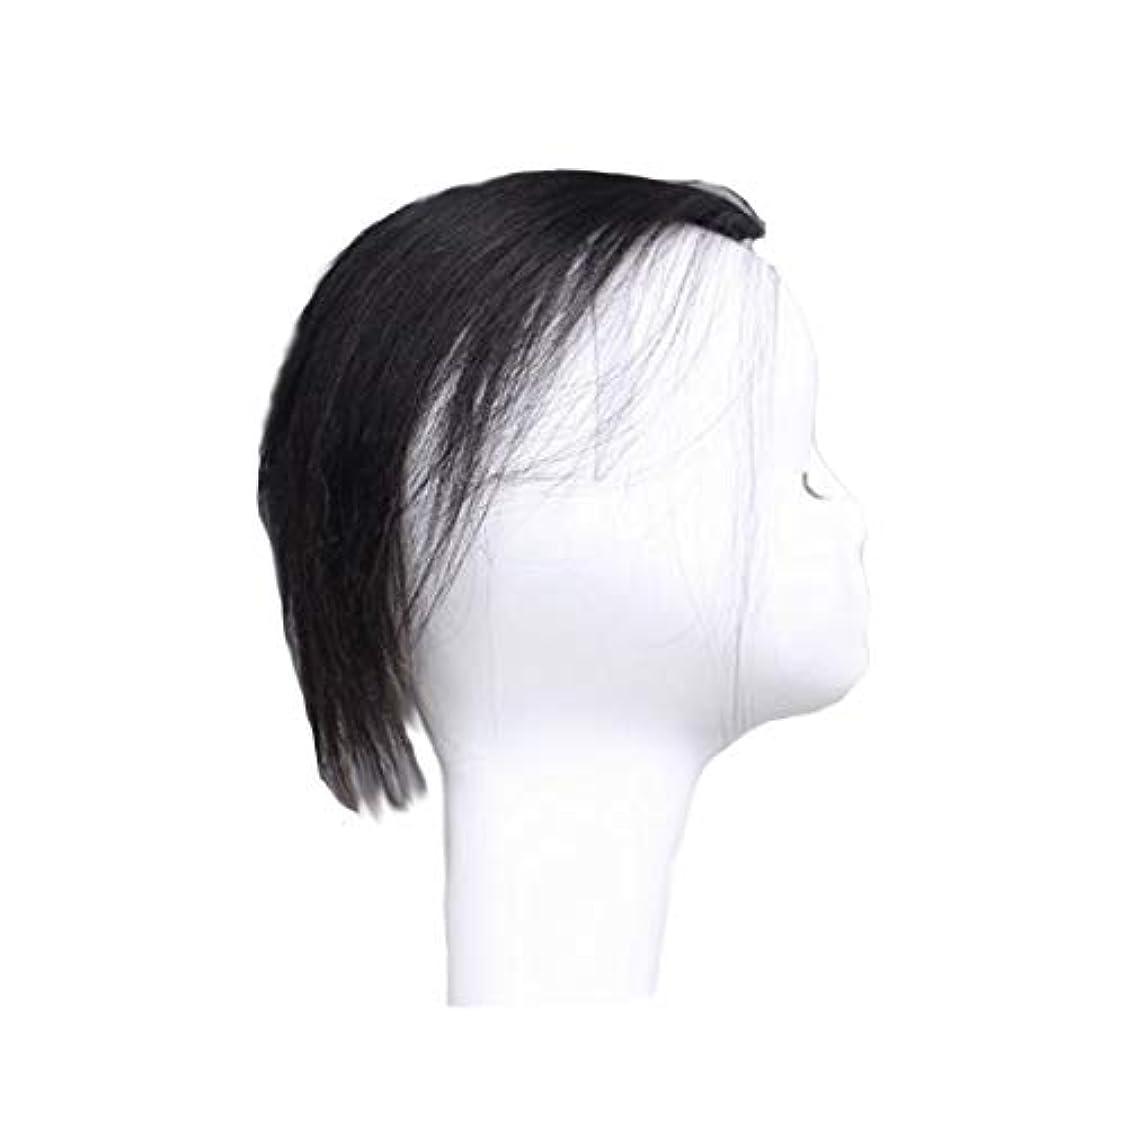 堀ストレス羨望CN ビッグ戻るウィッグ男性見えないシームレスなレトロなヘアピース実髪ロングヘアふわふわヘッドトップヘアー (Color : Black)